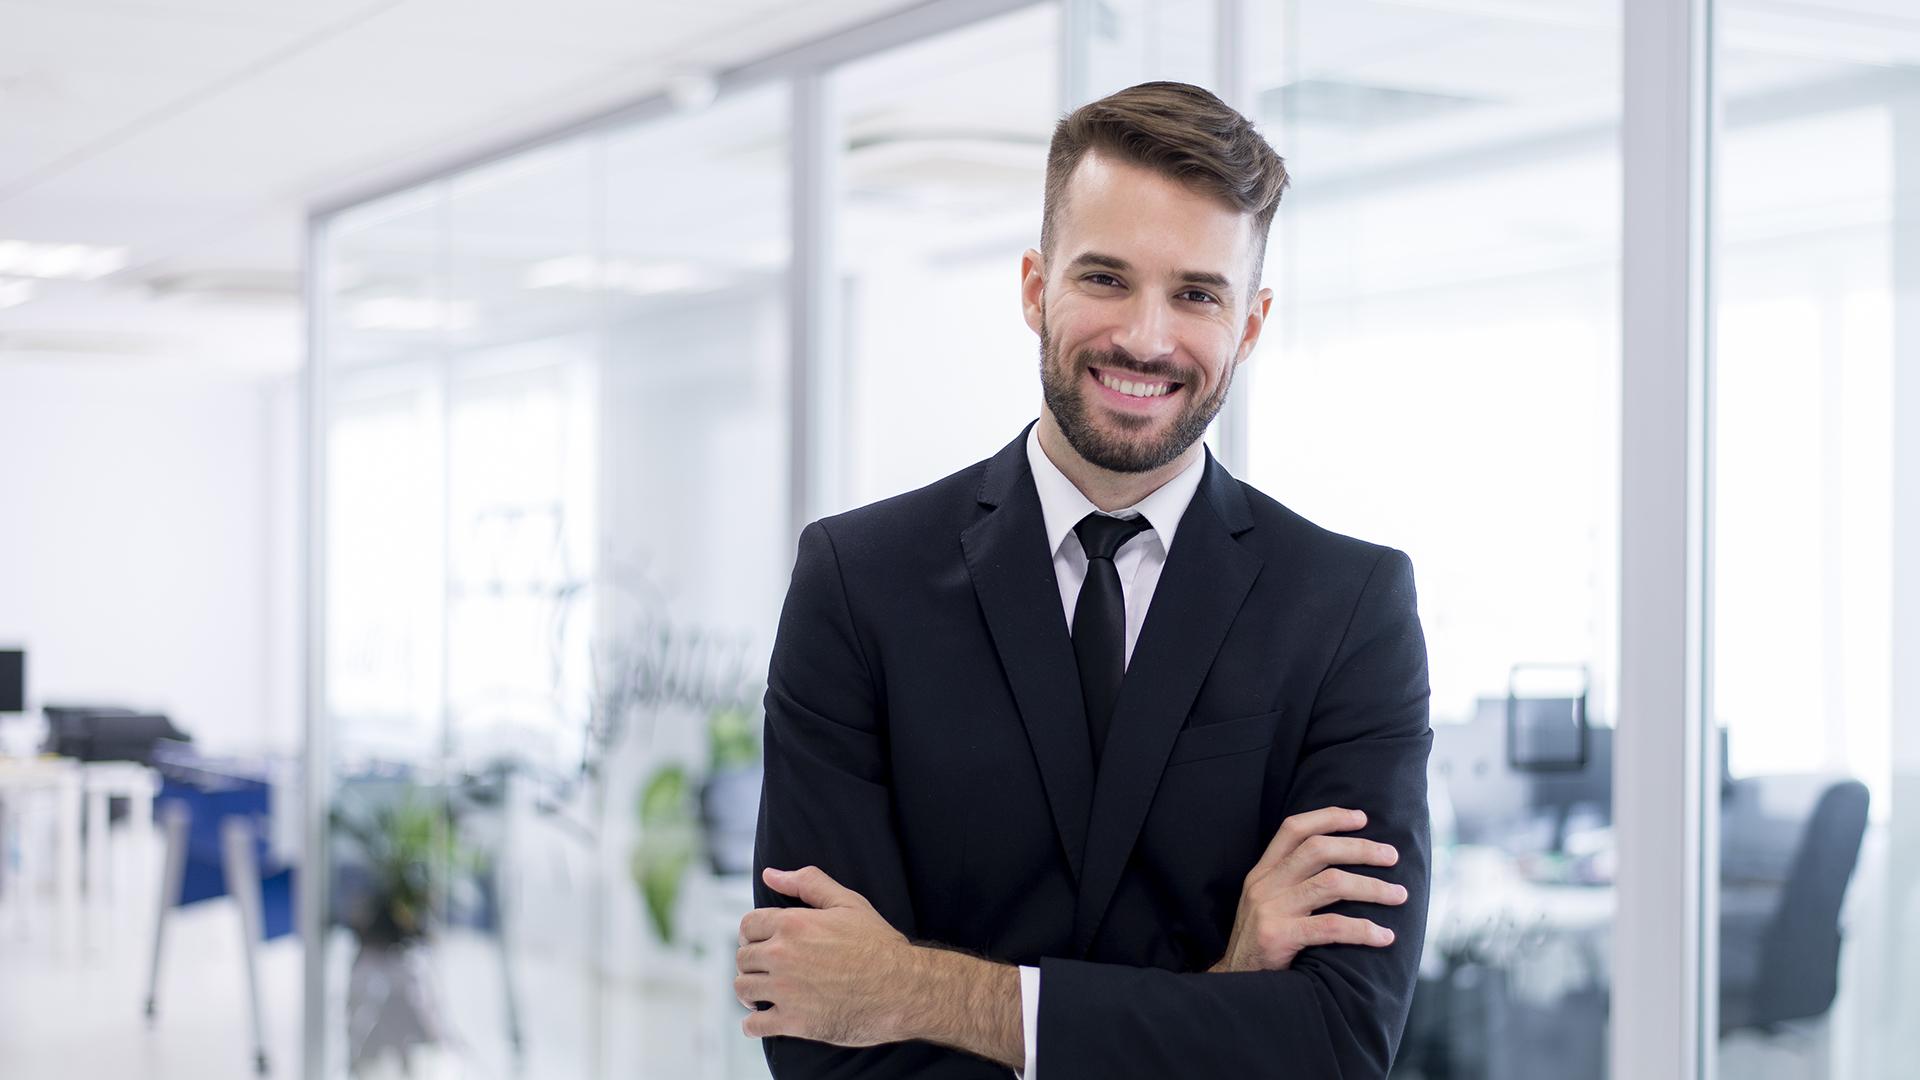 Seja o profissional que o mercado procura. Torne-se um especialista em até 21 meses.